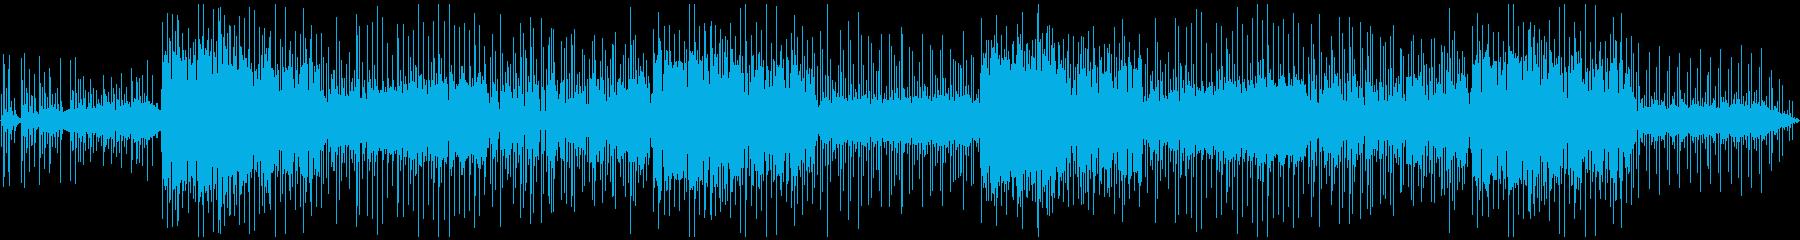 幻想的なバラードBGMの再生済みの波形